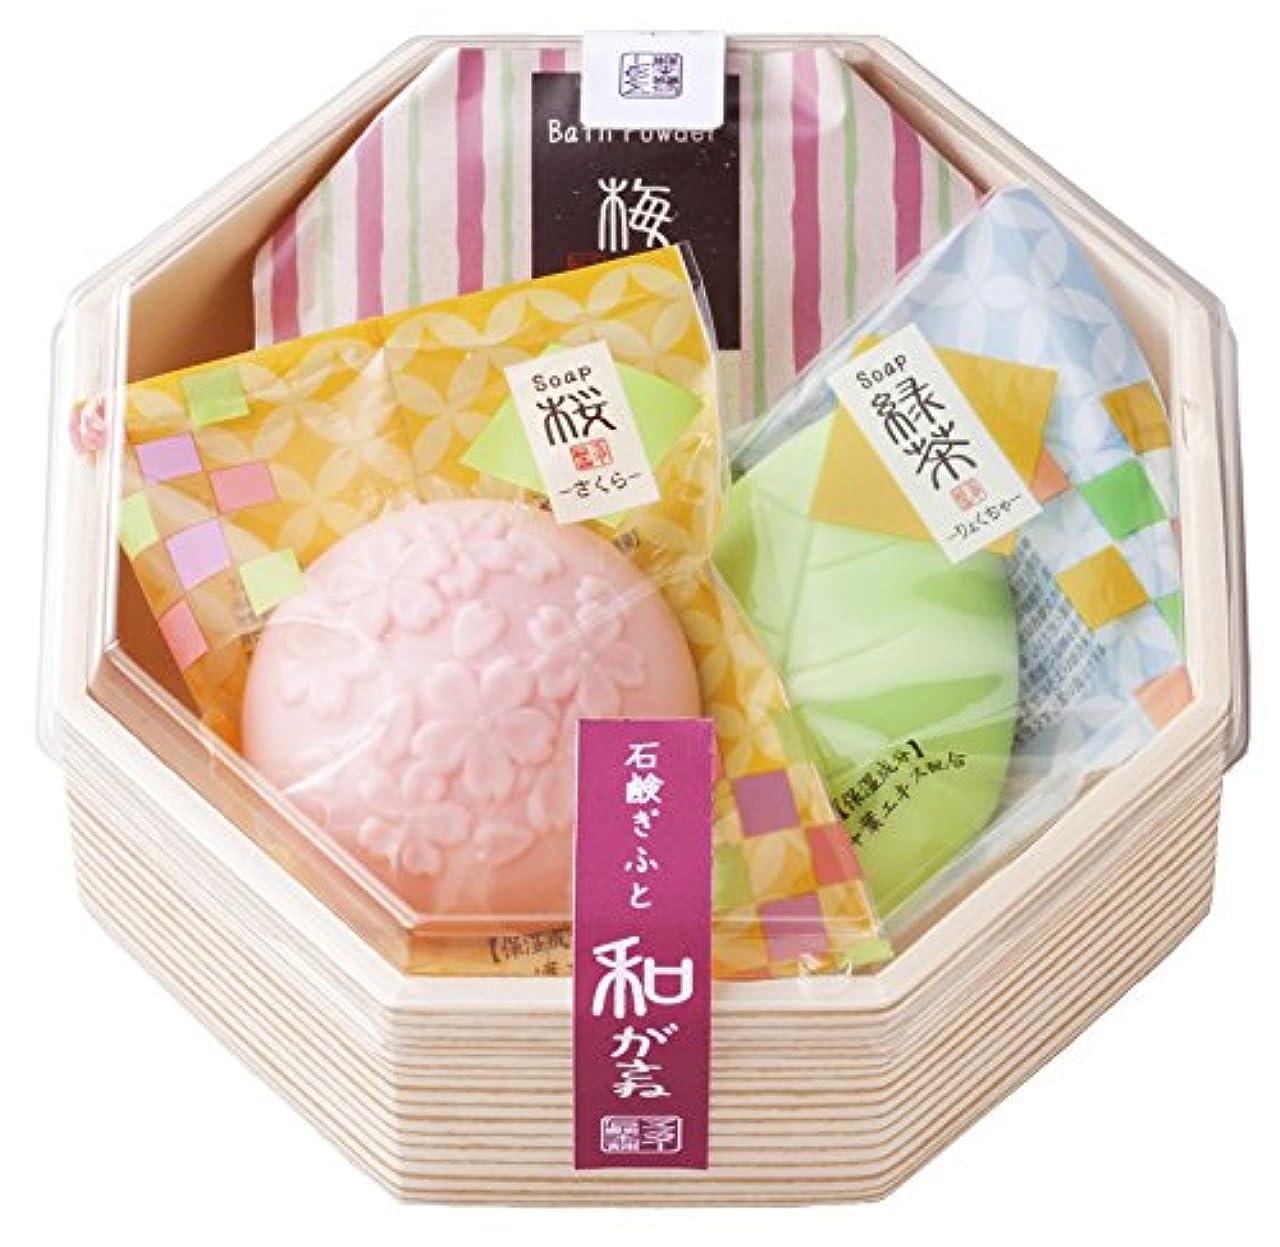 ストロー火山三十和がさね ギフトセット WAG-05 石鹸+入浴料